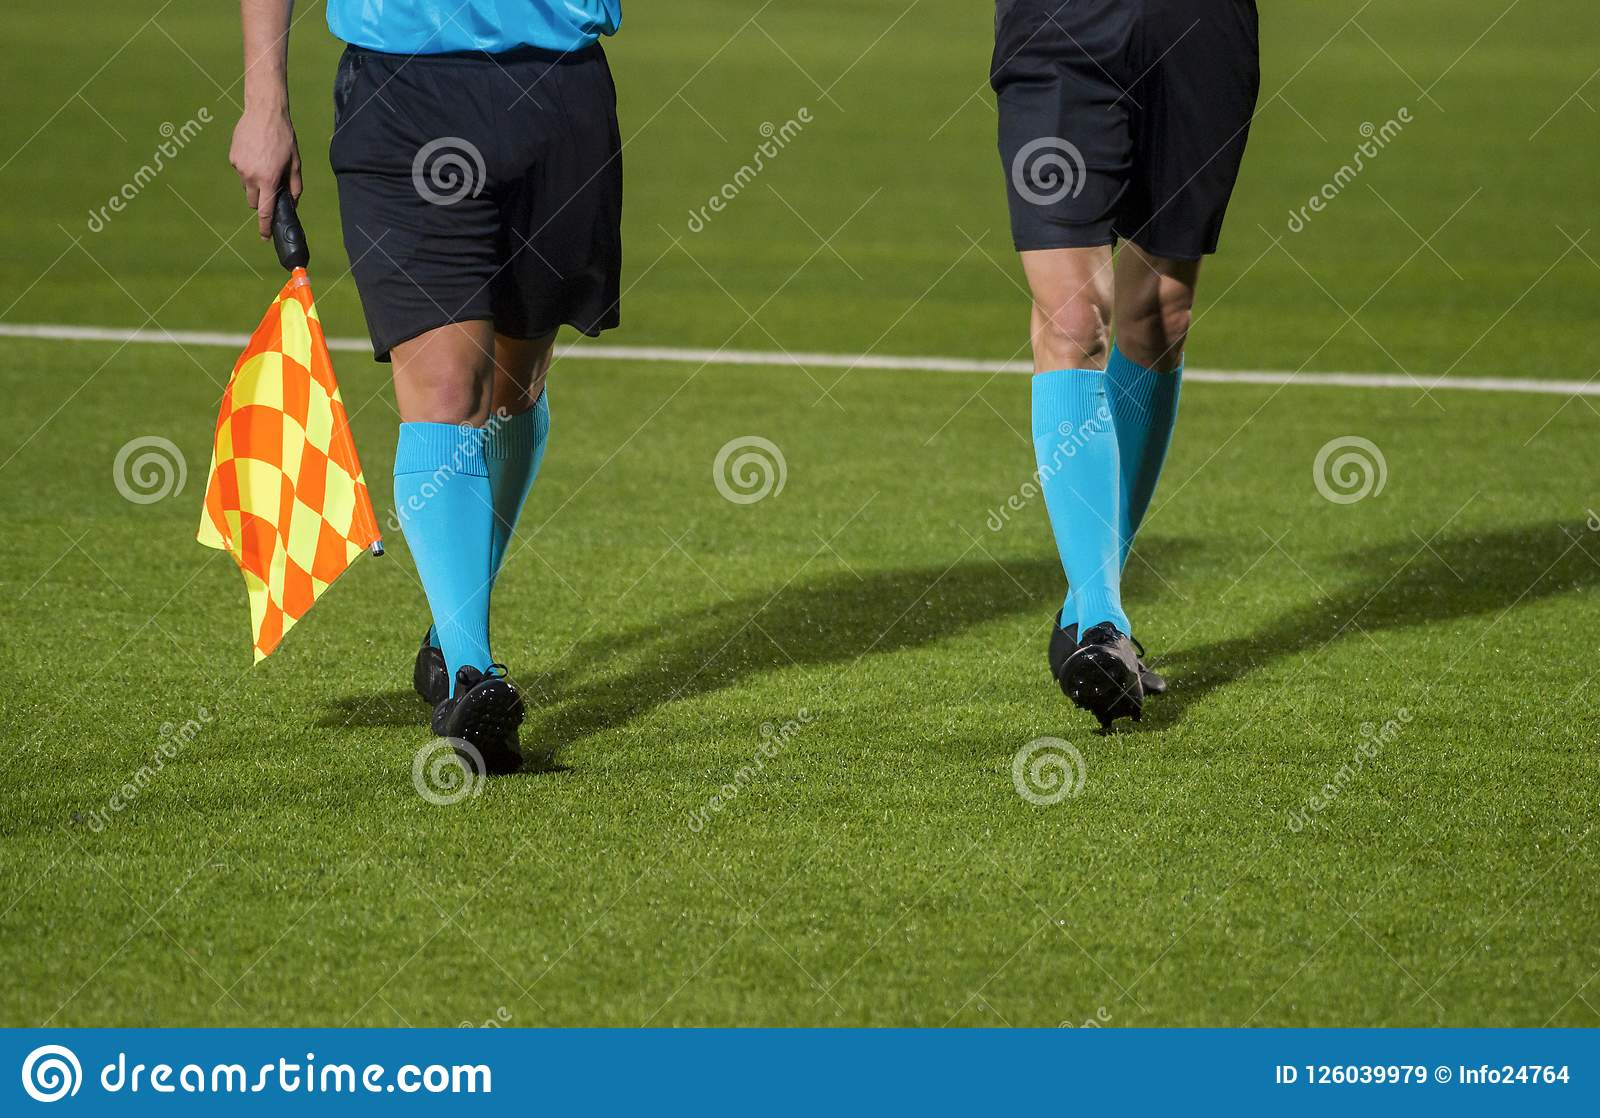 Pomocniczy arbitra odprowadzenie wzdłuż linii bocznej podczas piłki nożnej maty